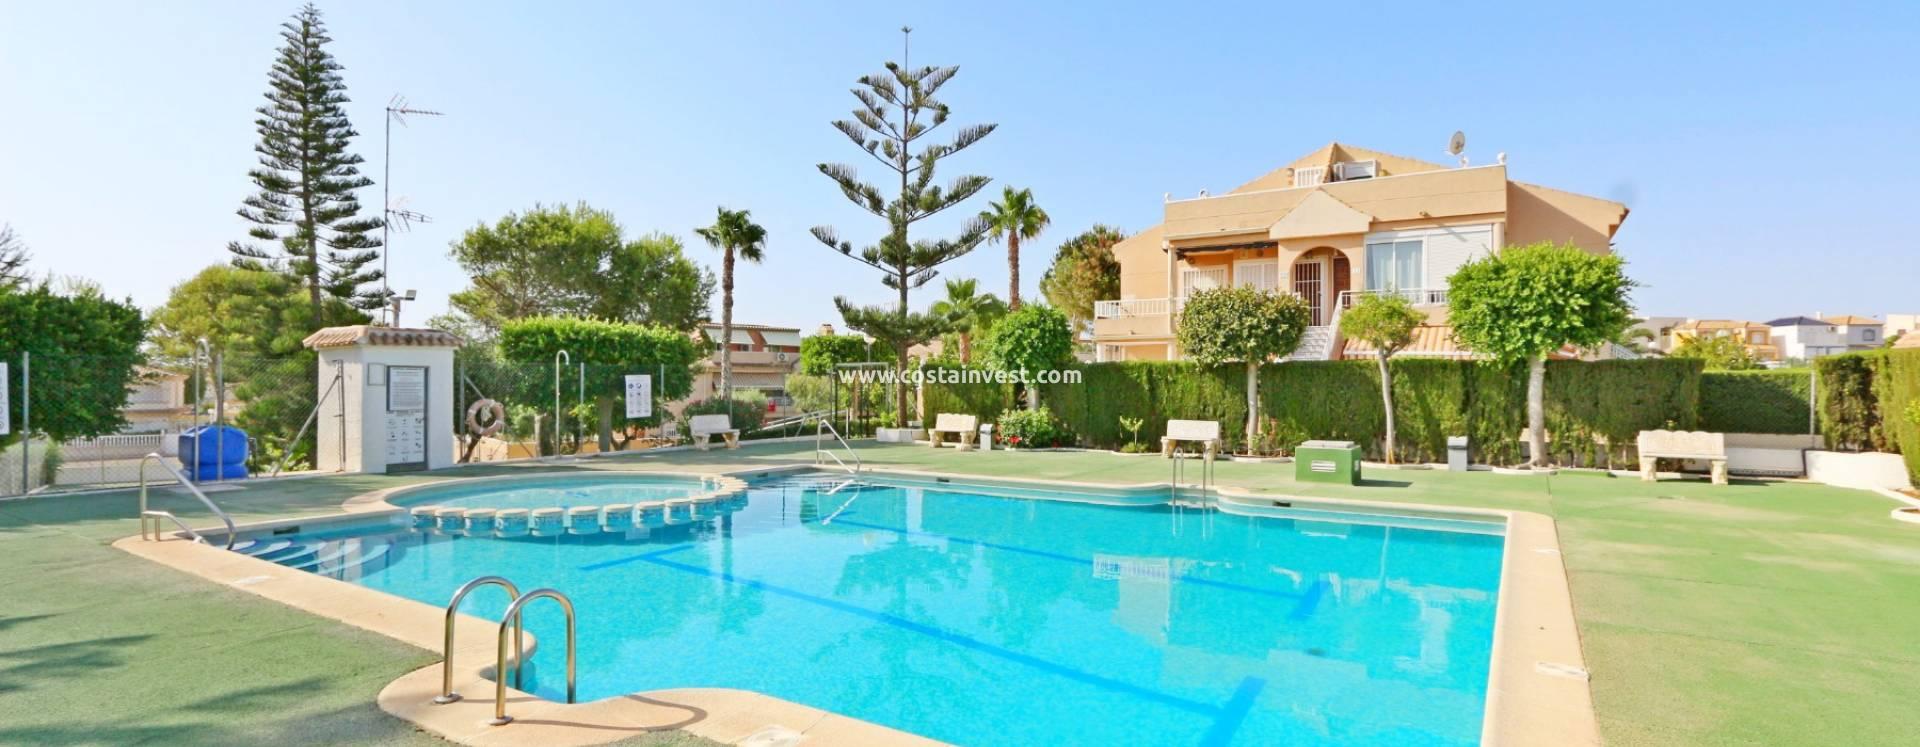 alquiler de habitaciones en torrevieja marbella